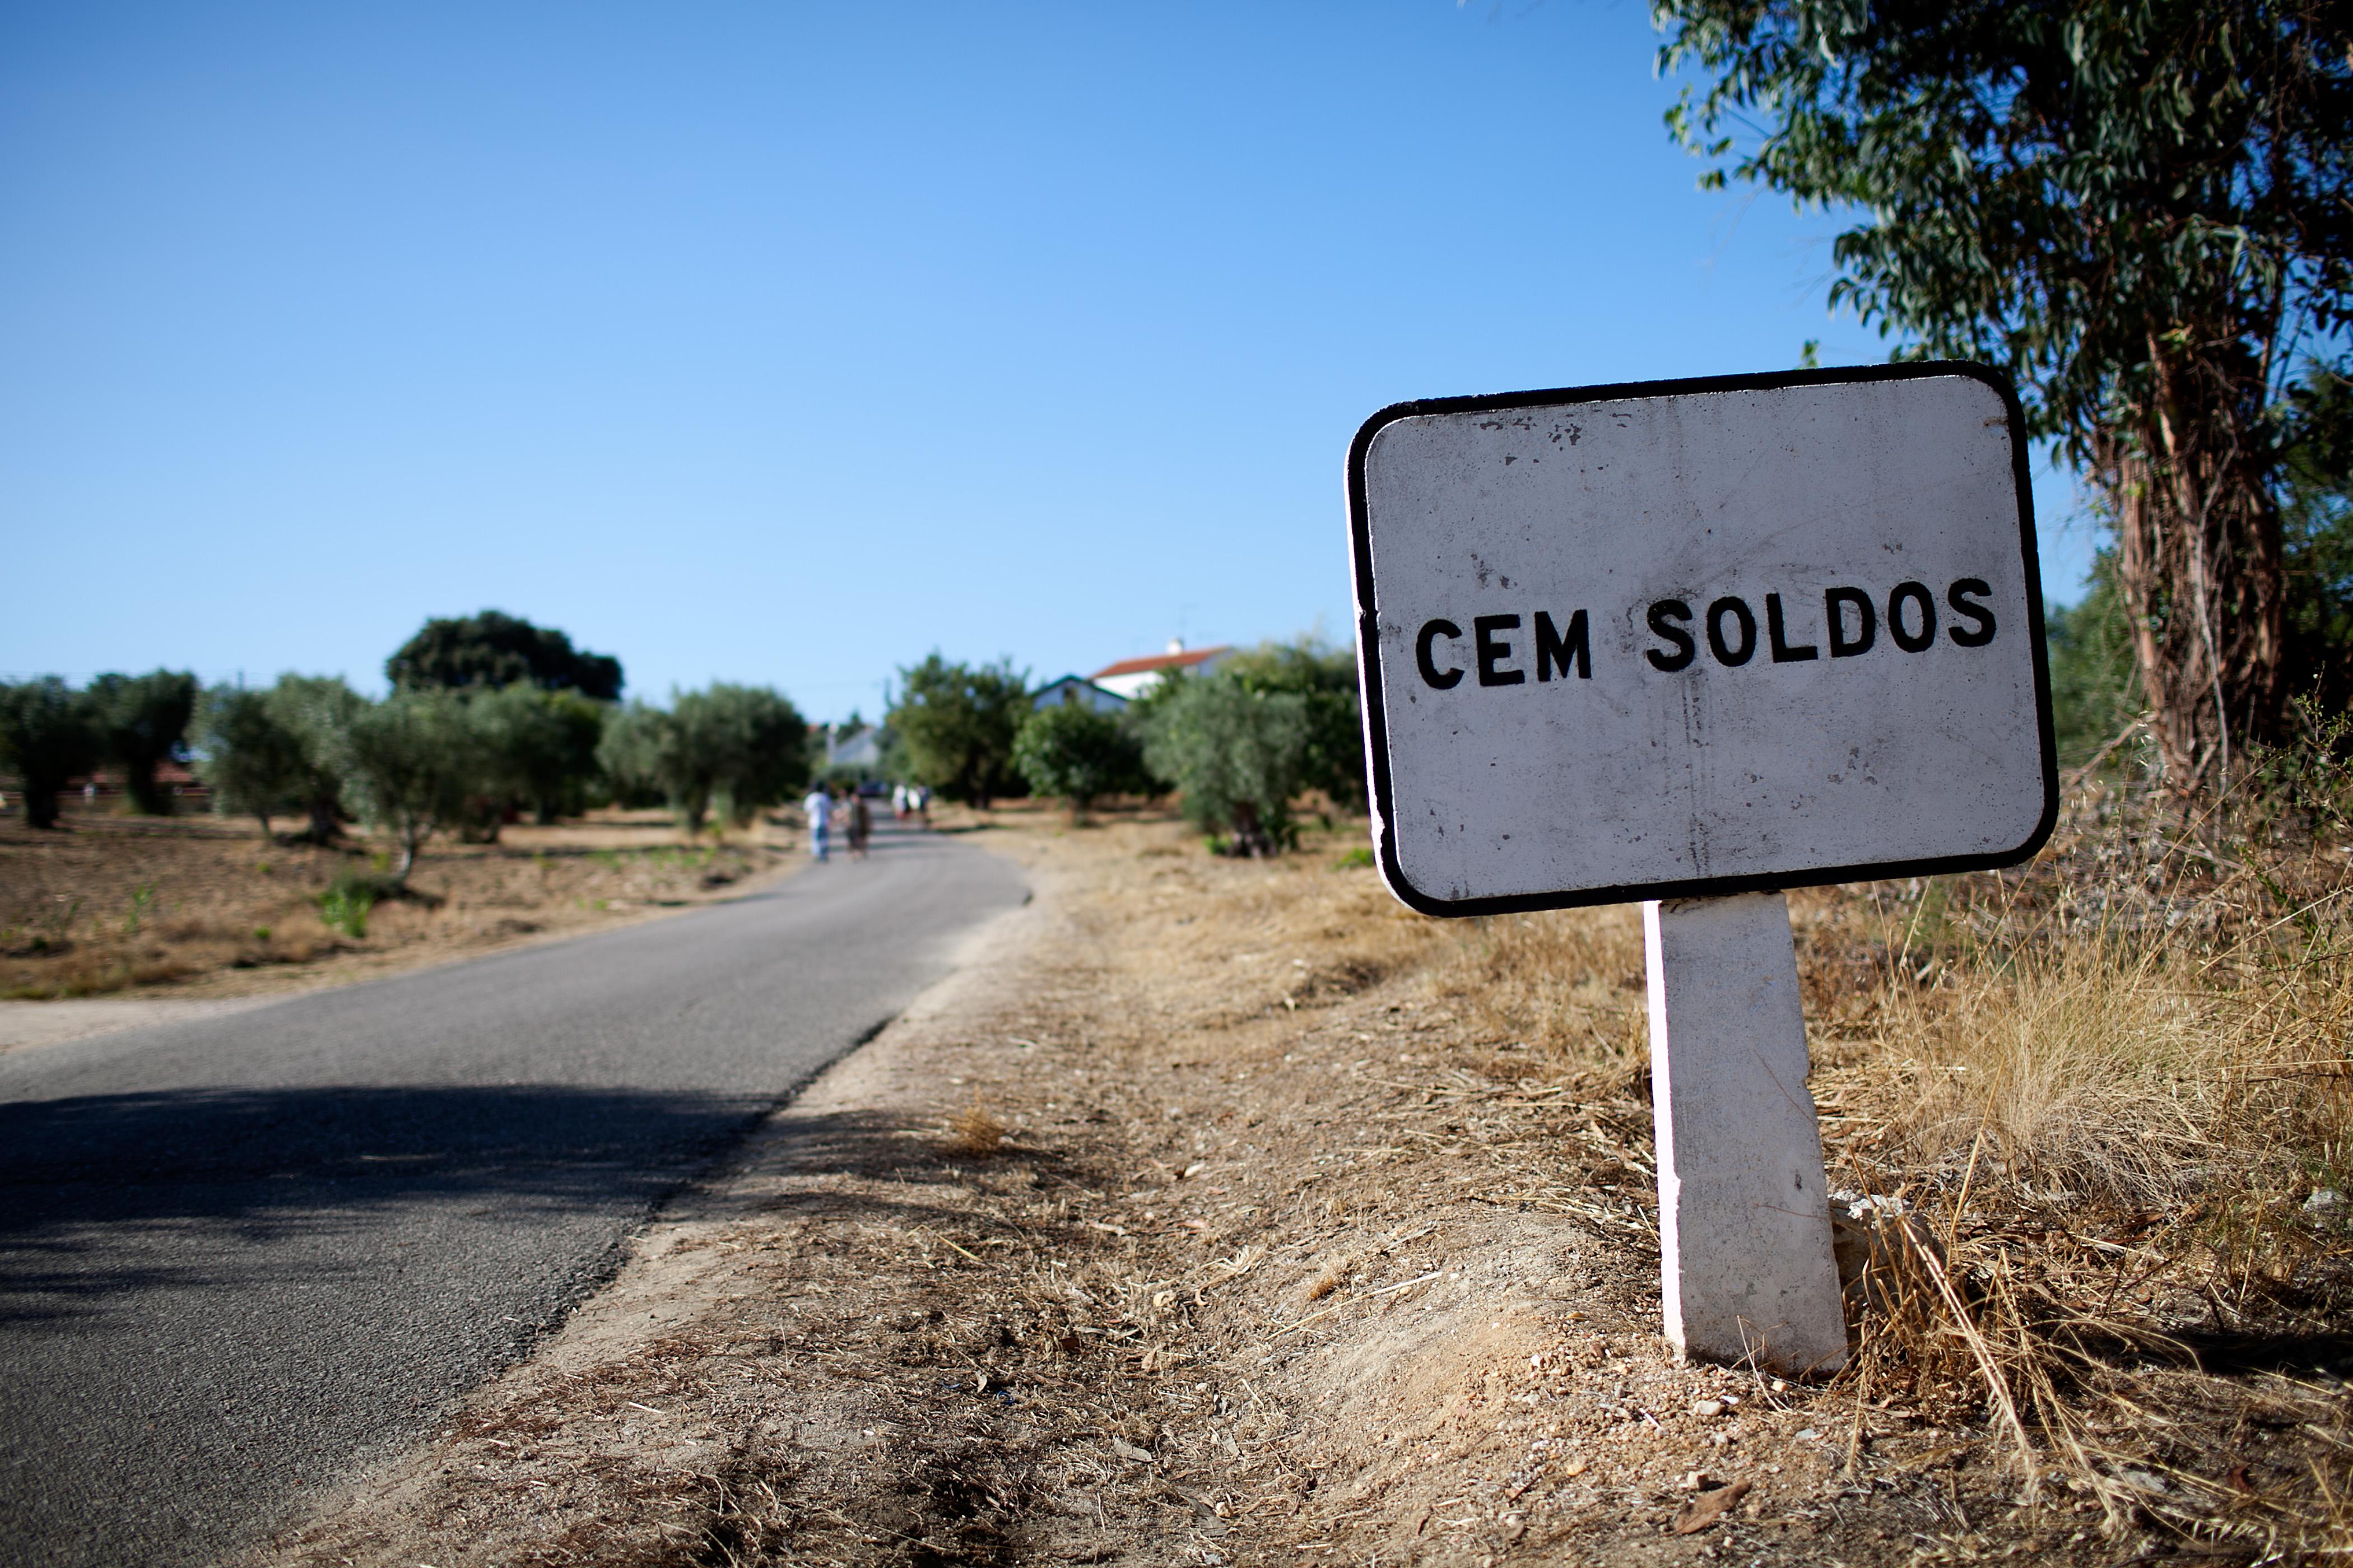 Bons Sons atraiu 33.800 festivaleiros a Cem Soldos durante quatro dias